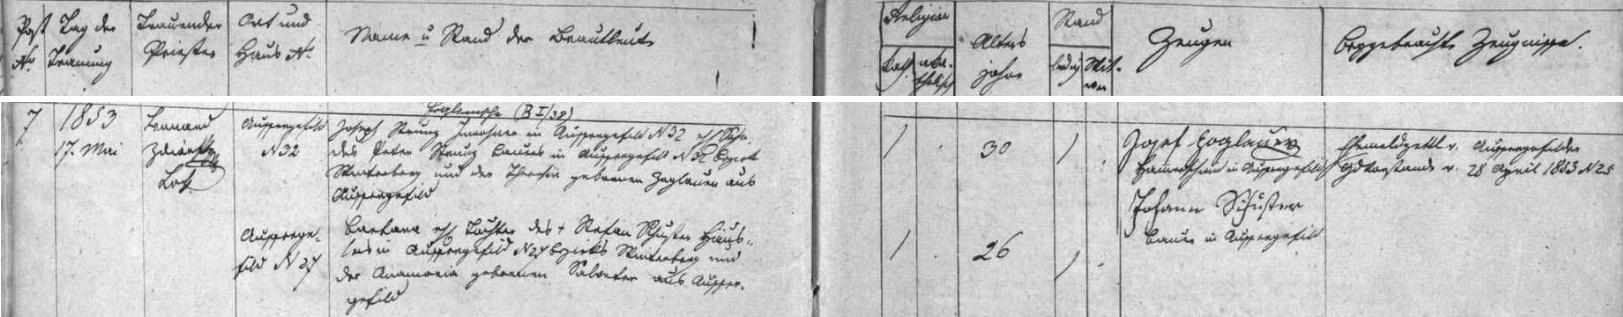 Záznam kvildské oddací matriky o otcově prvé svatbě s Barbarou, roz. Fuchsovou